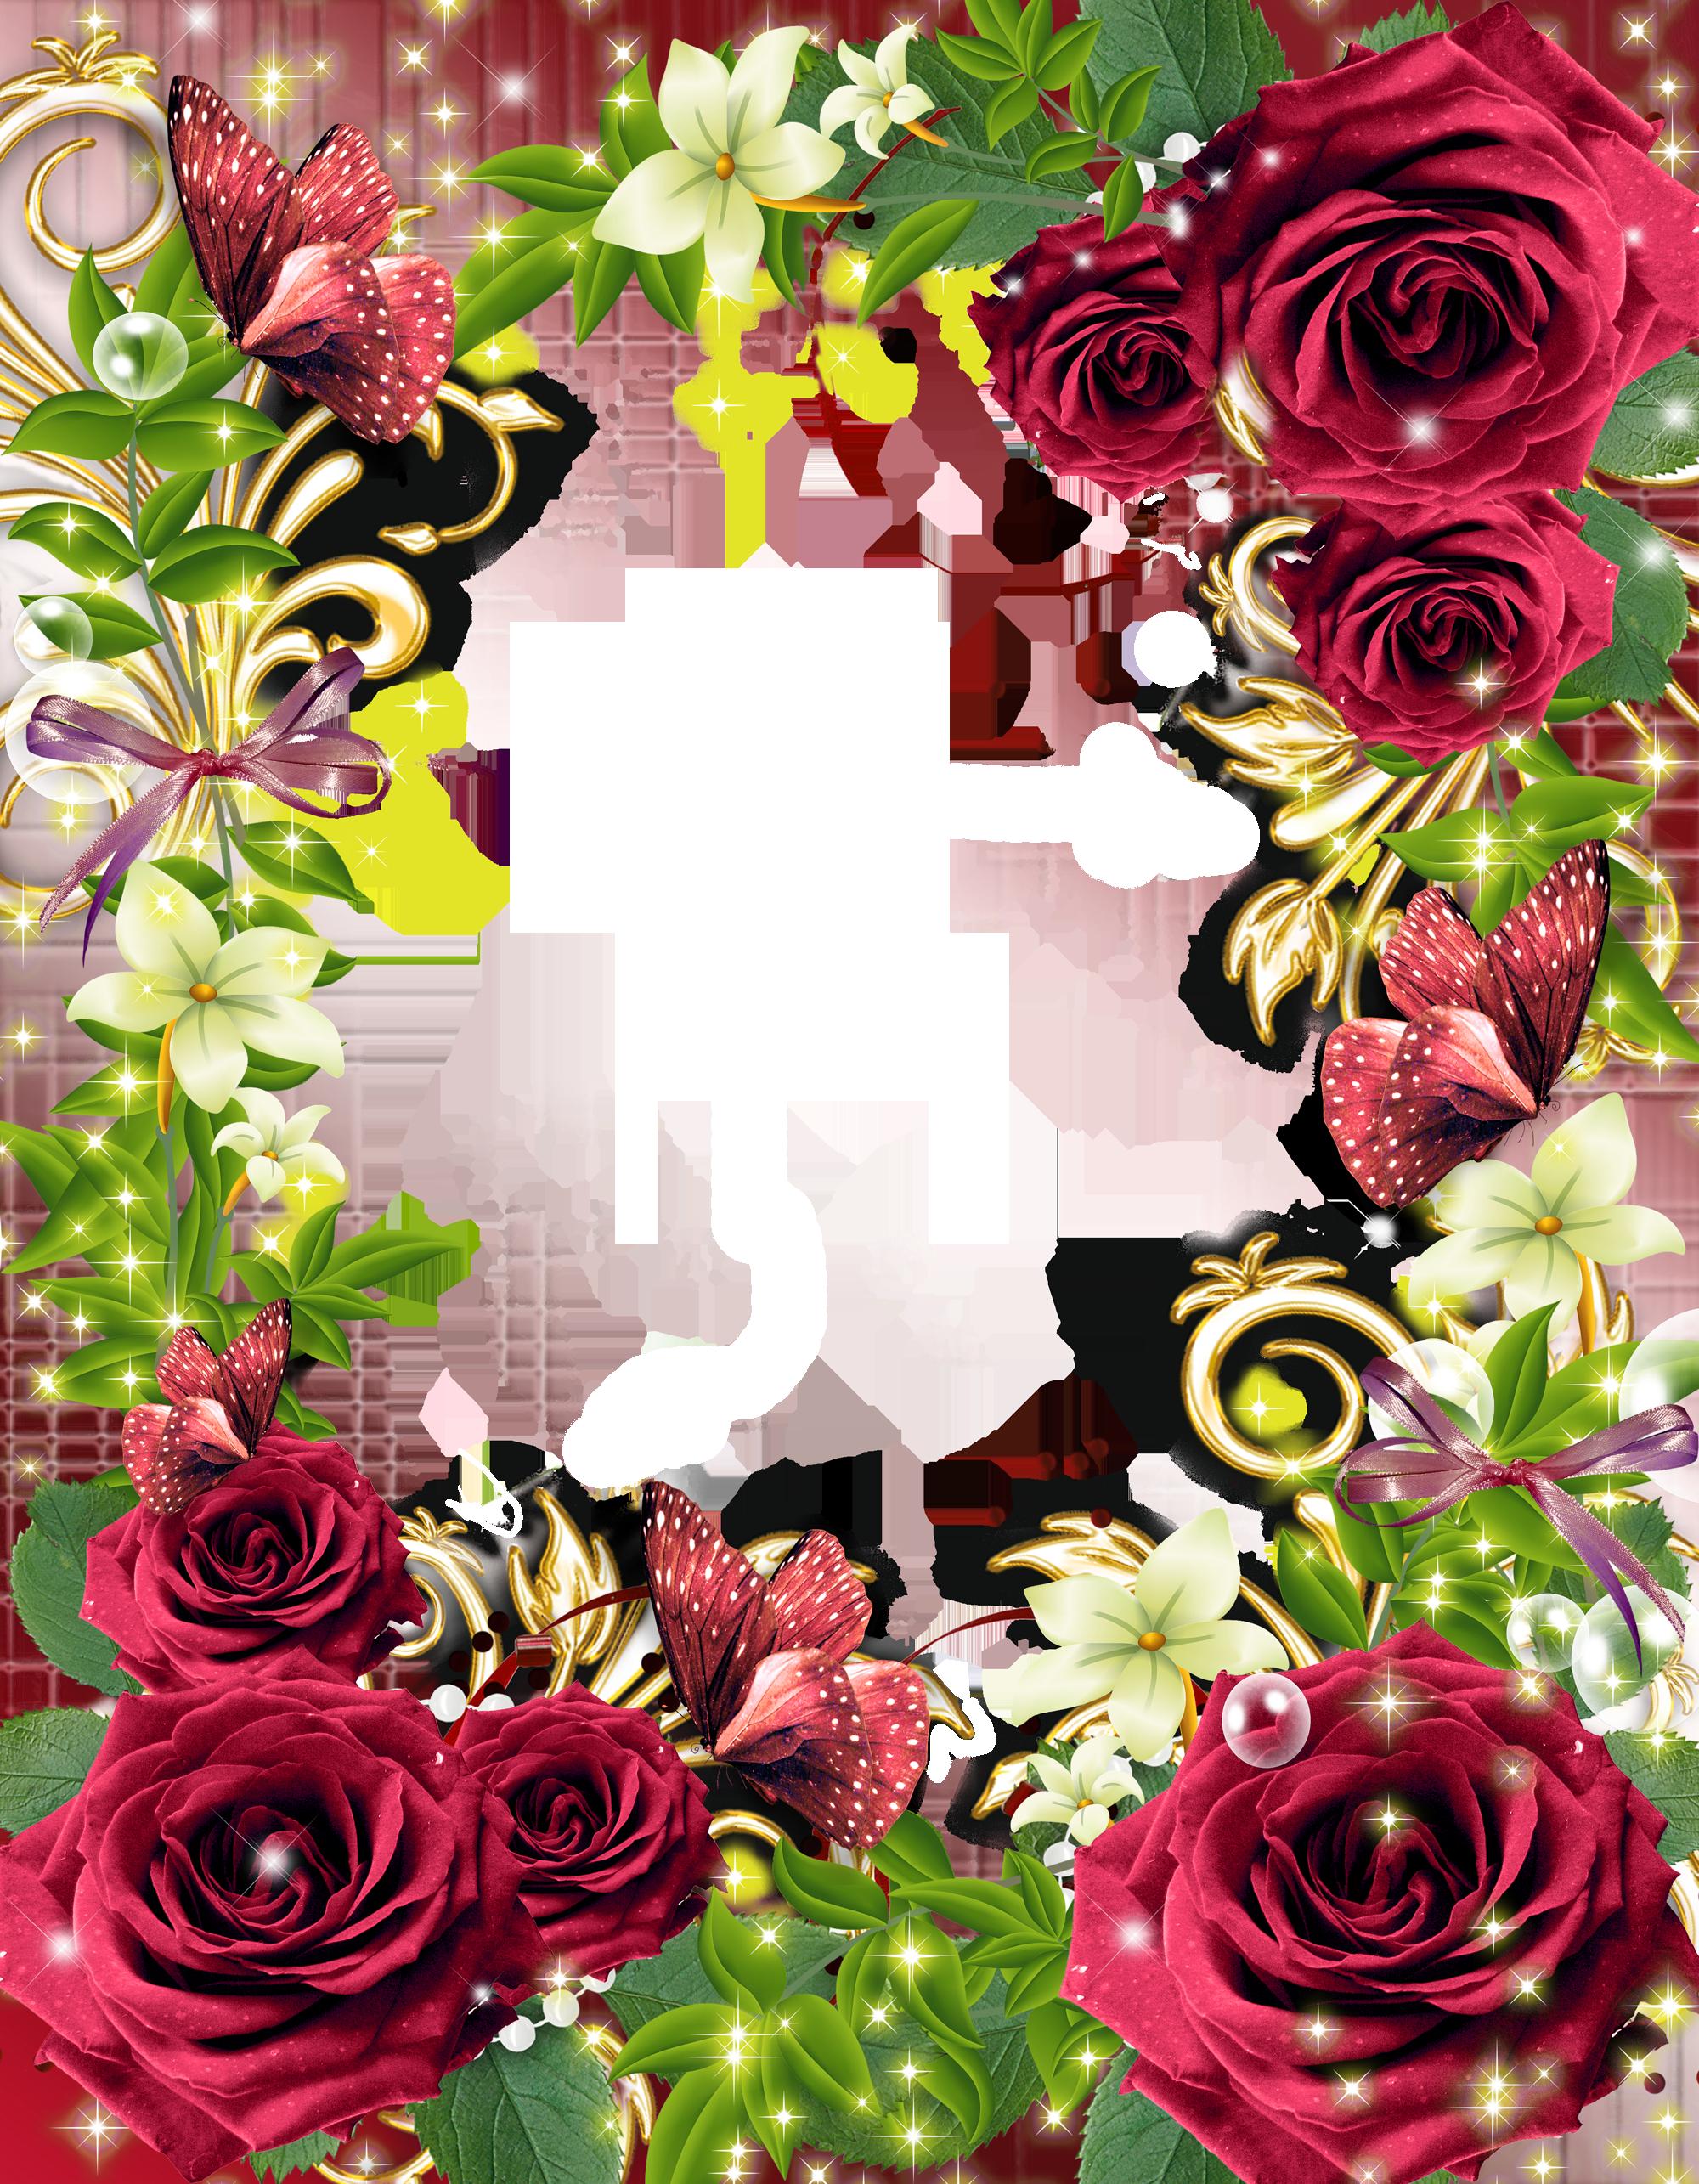 Khung ảnh hoa cực đẹp